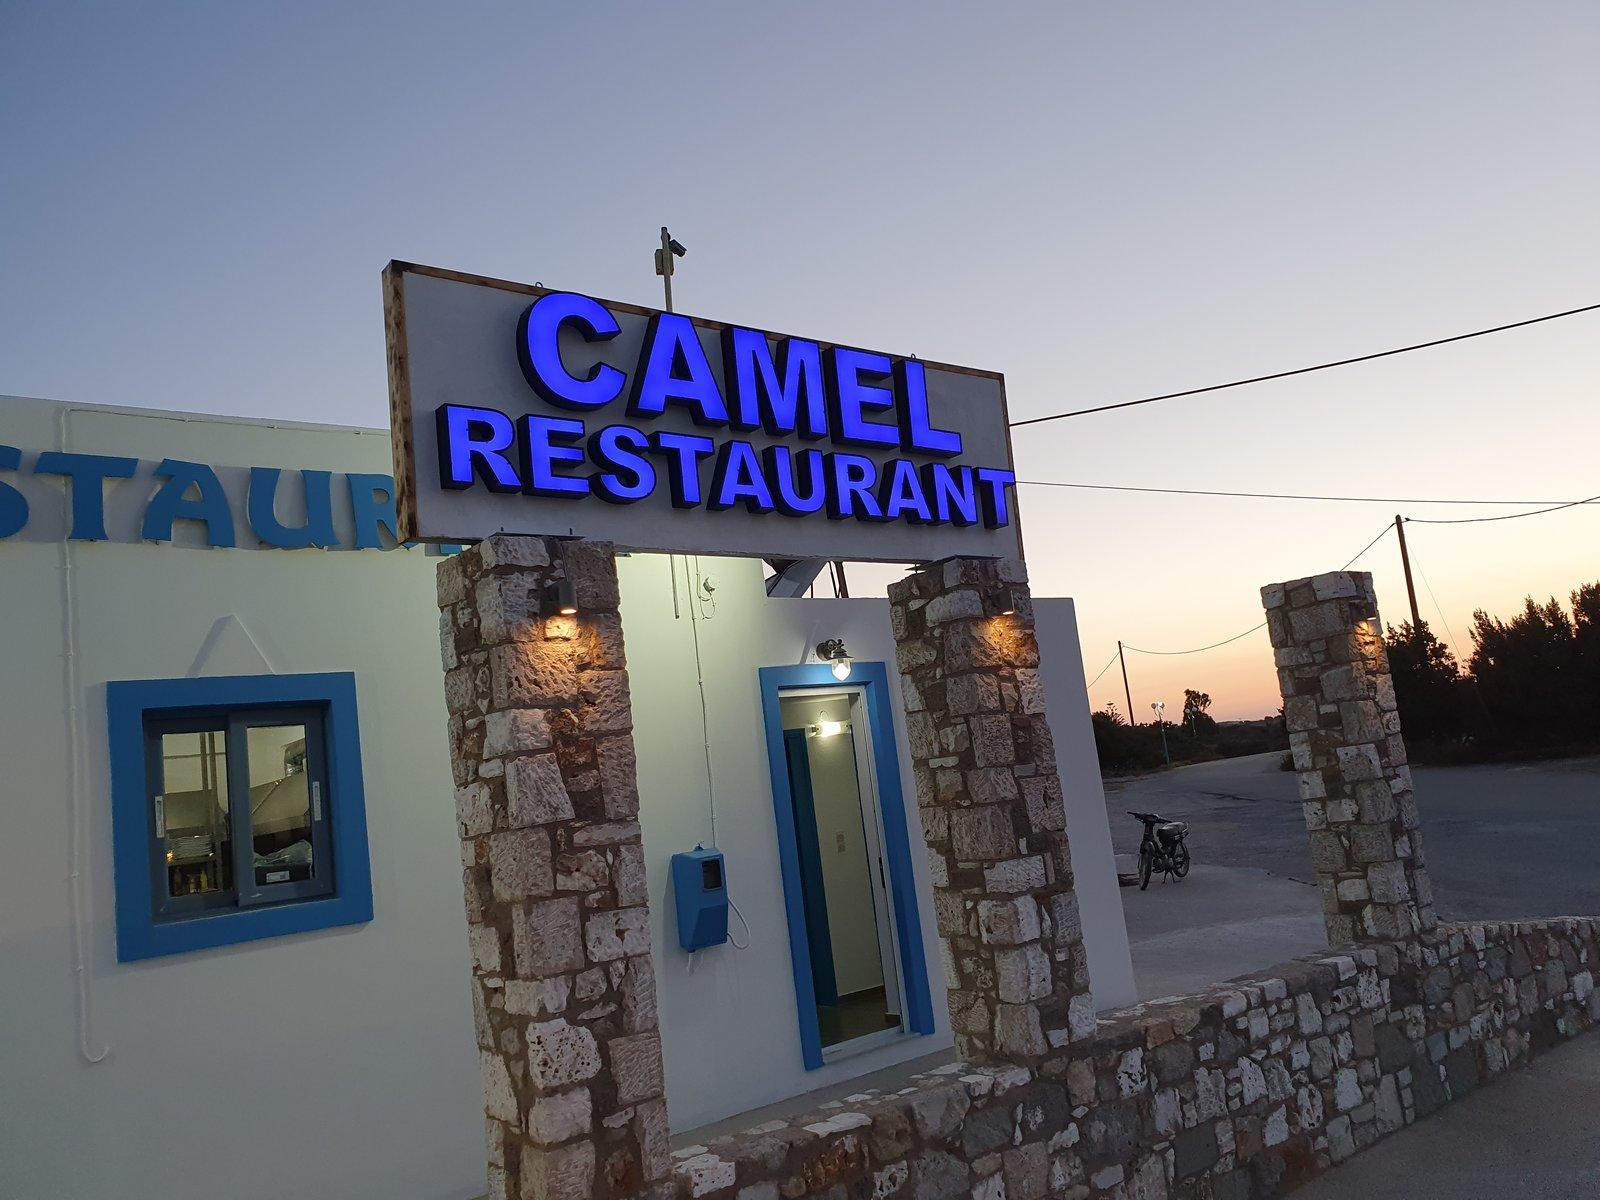 Camel Εστιατόριο